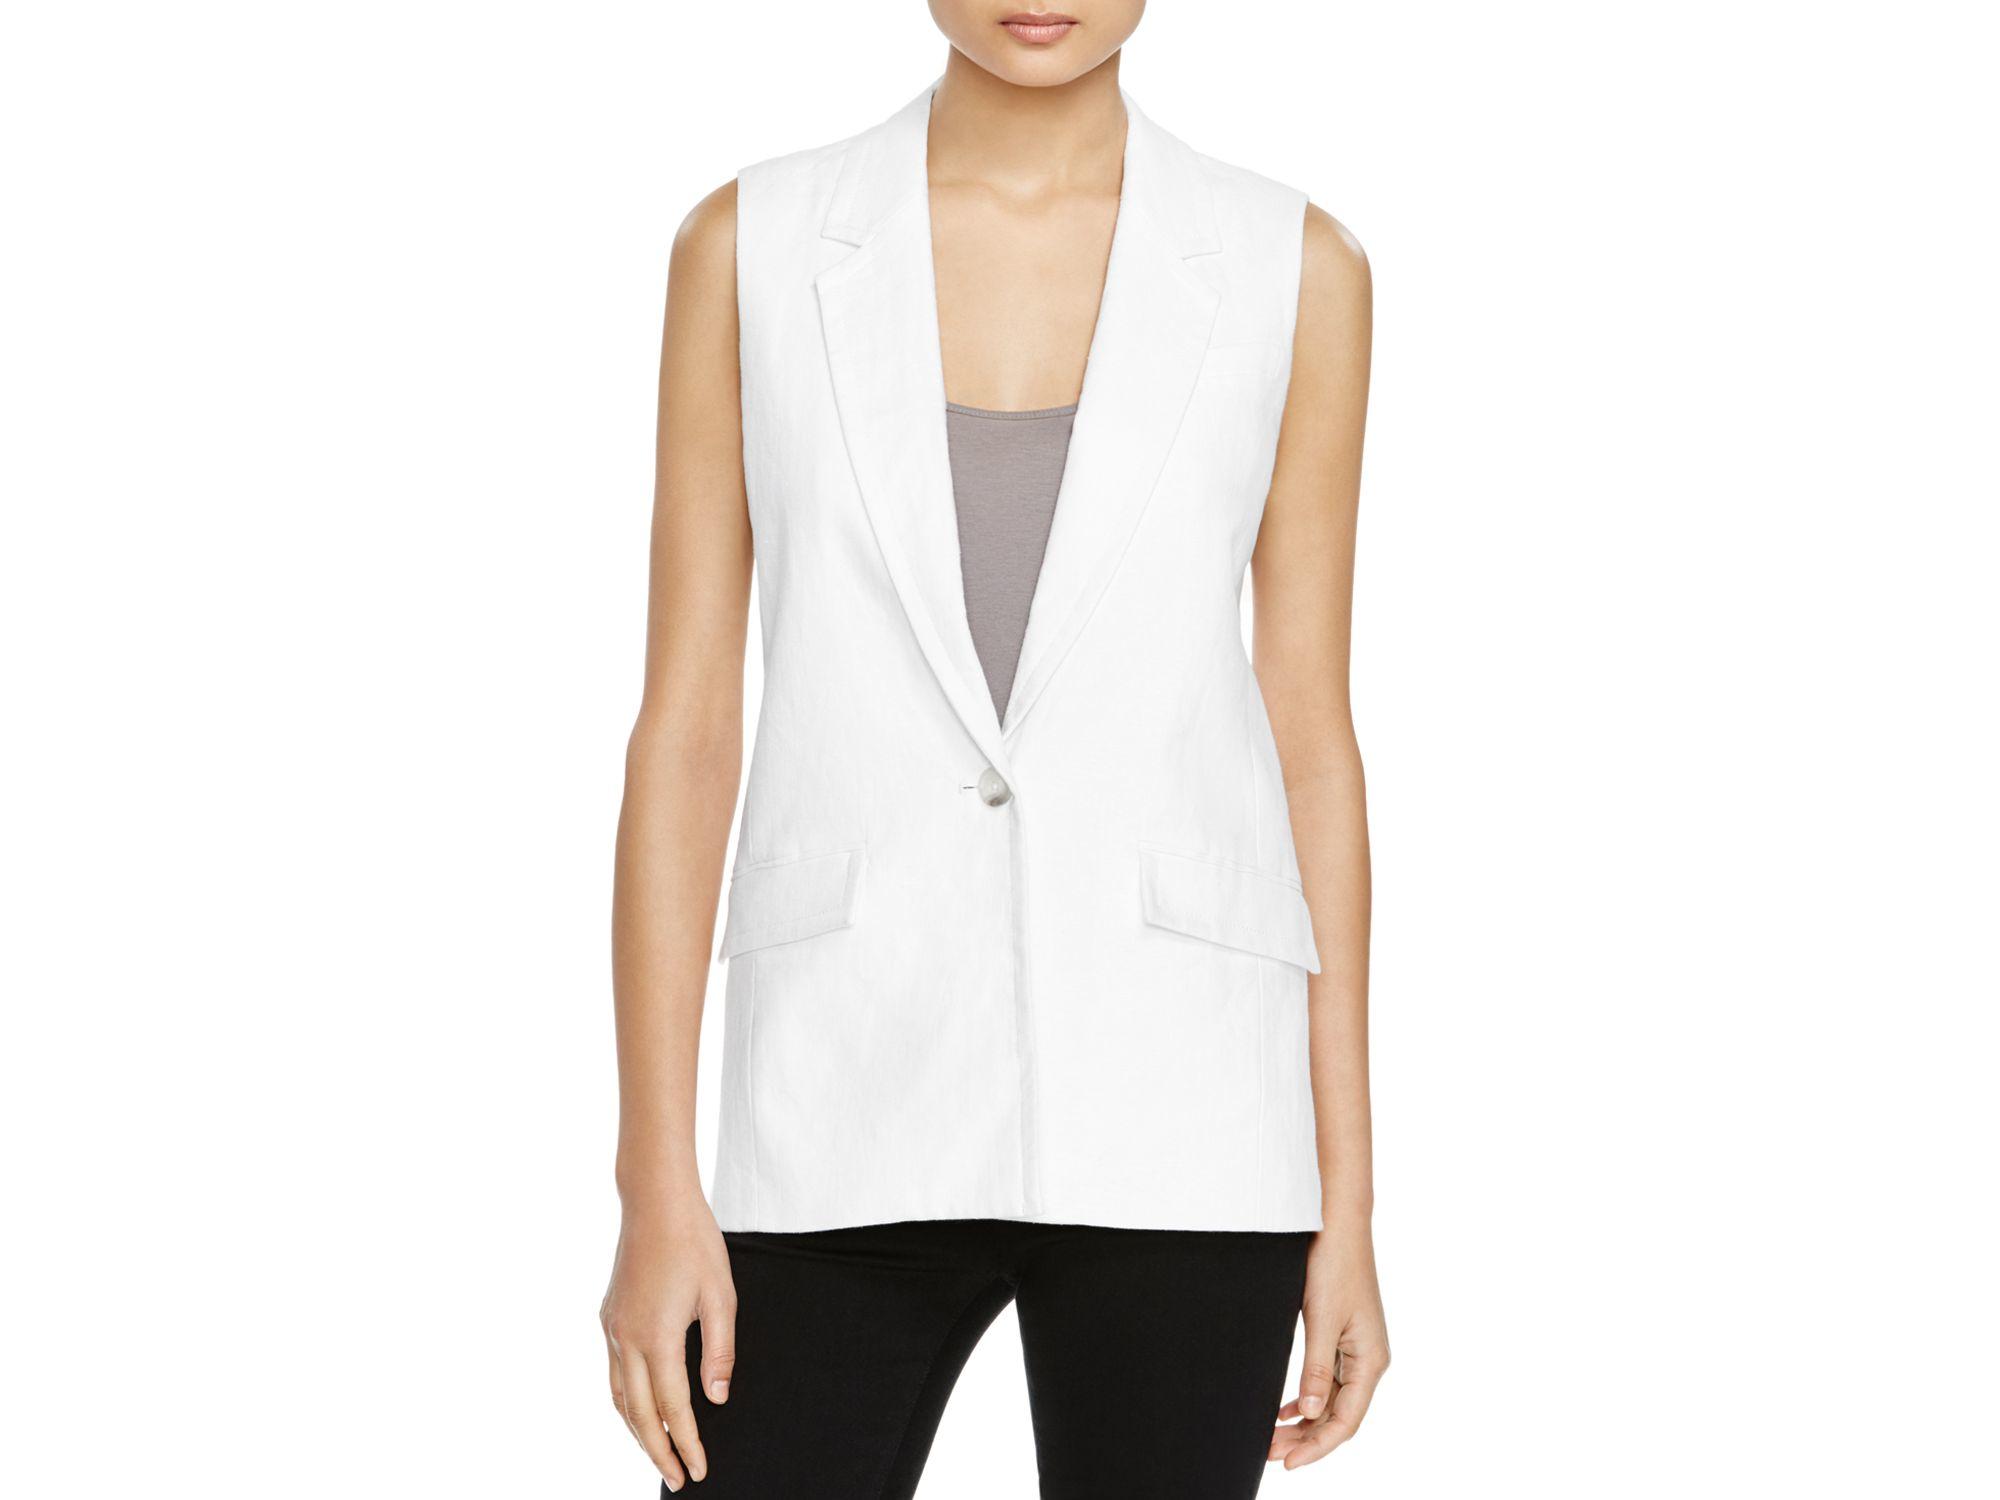 Michael michael kors Tailored Linen Vest in White | Lyst